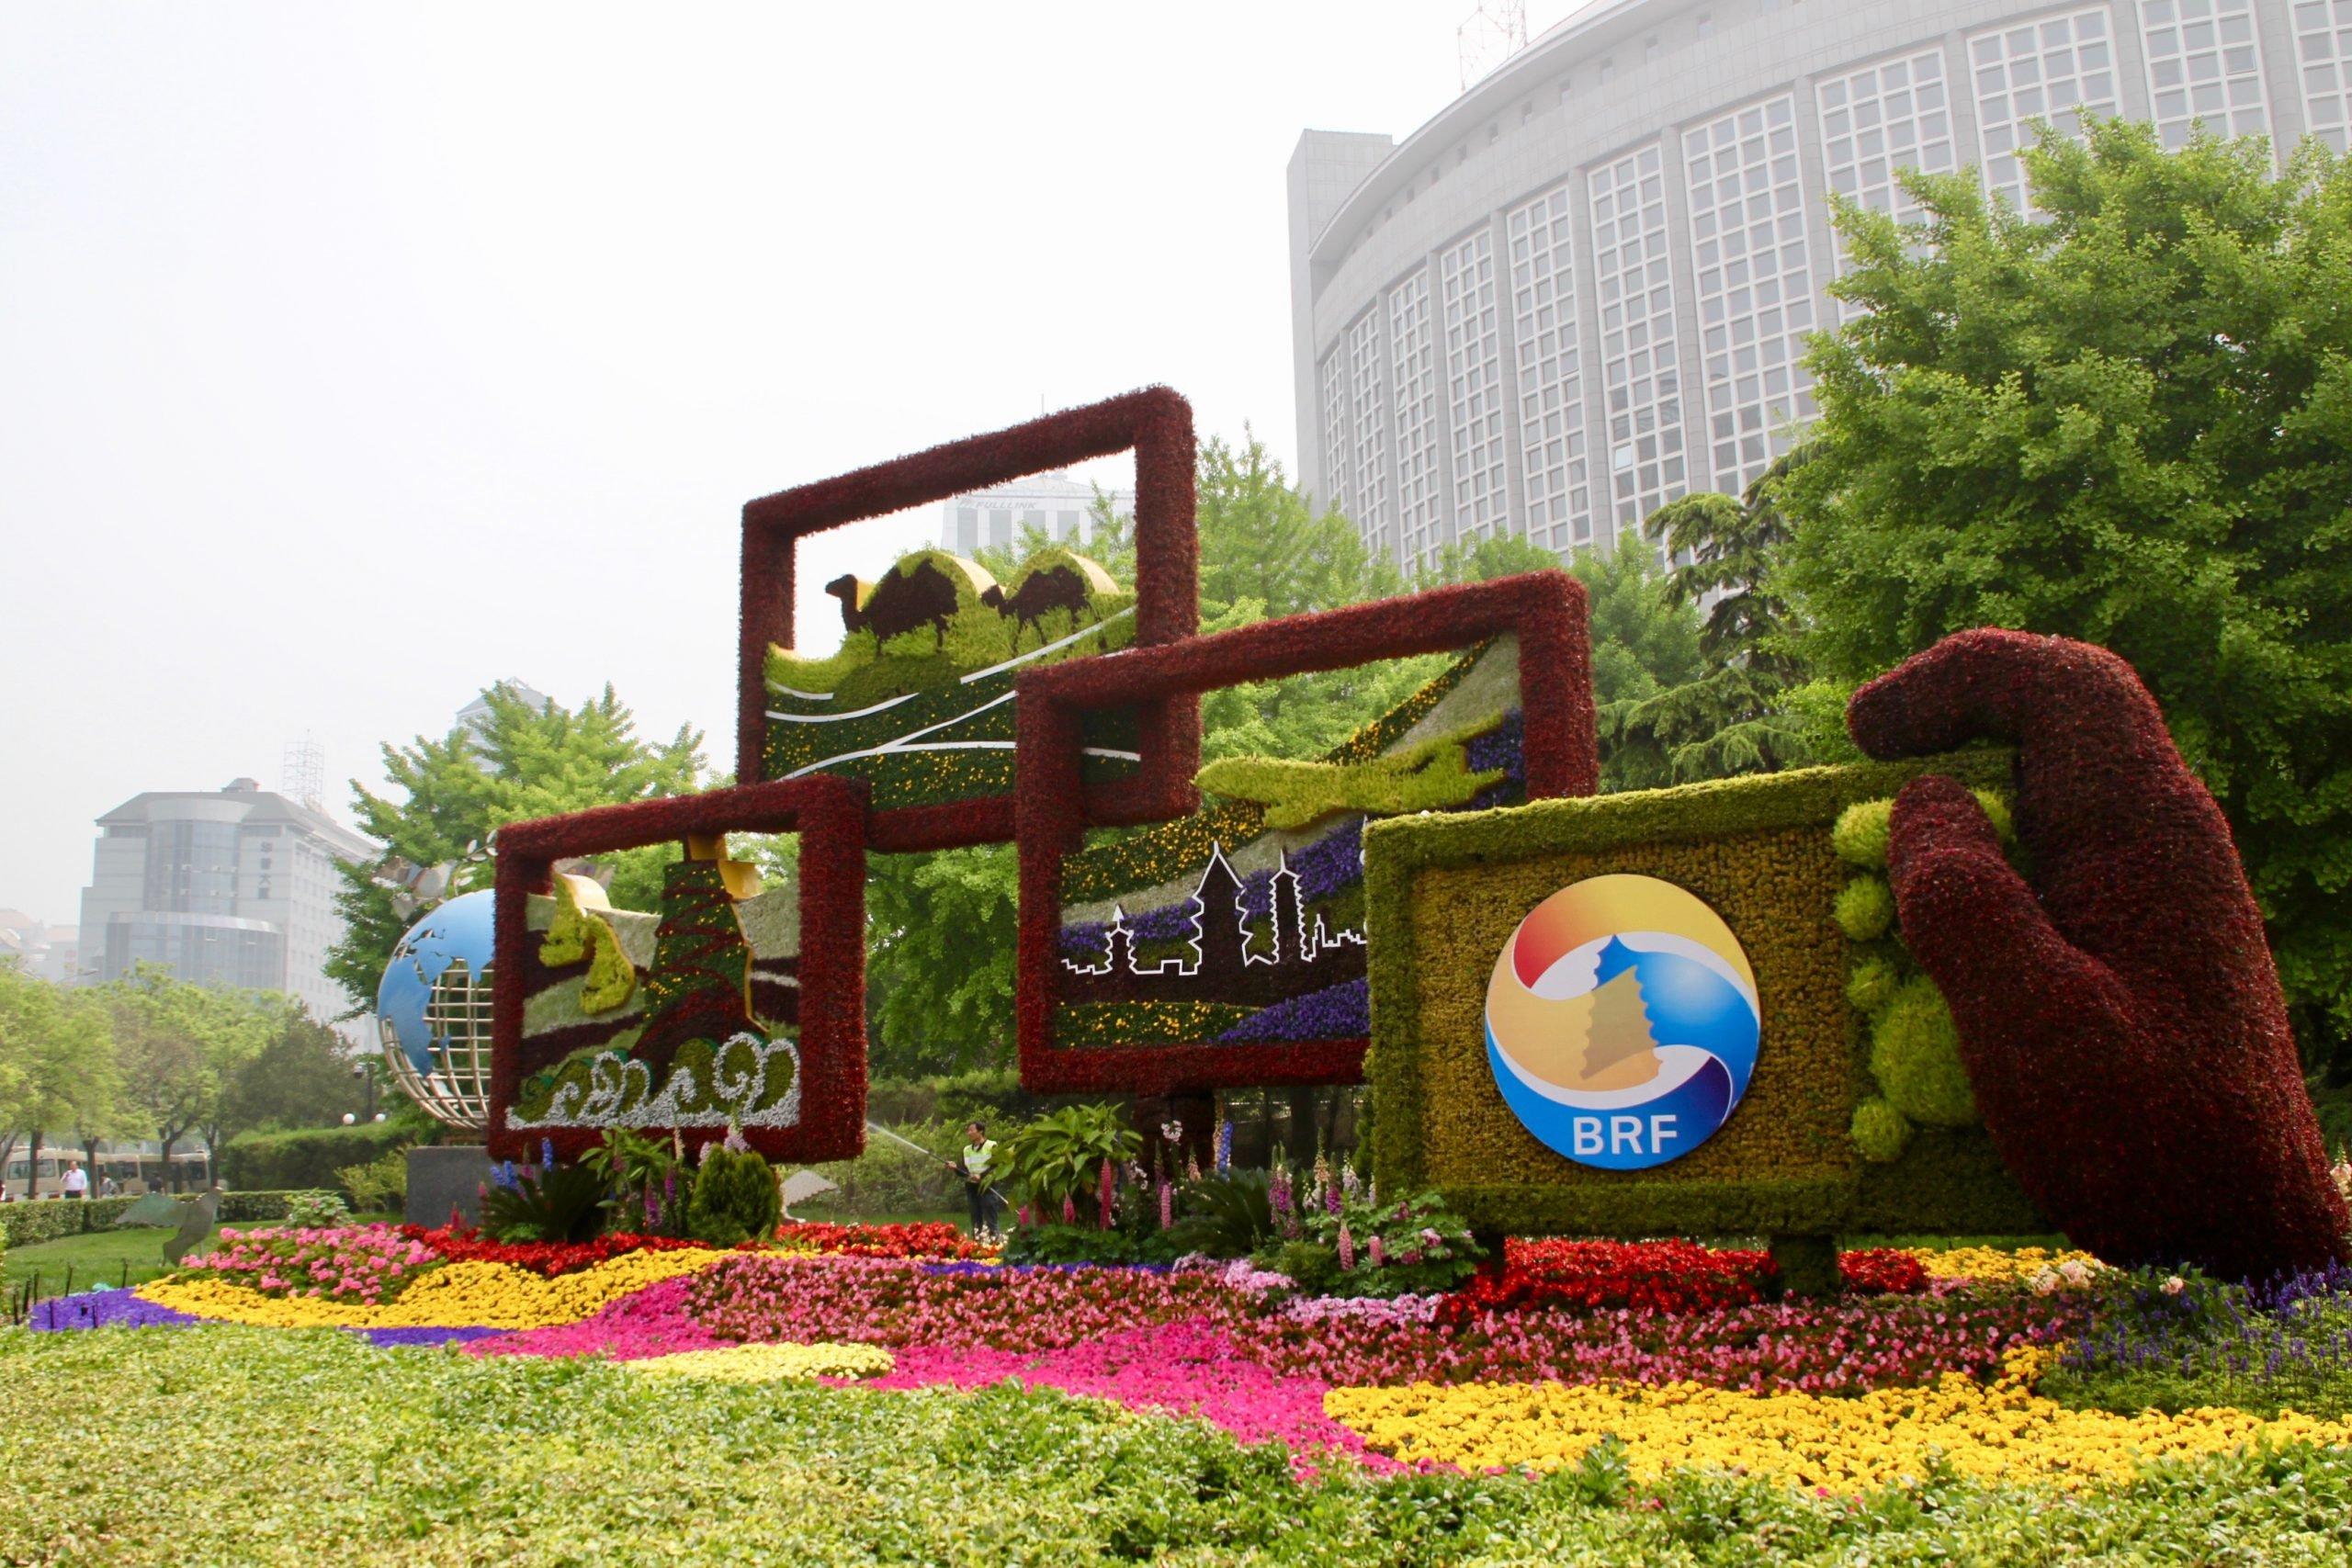 Giant sculptures herald the  BRI forum in Beijing (Image: Lili Pike)